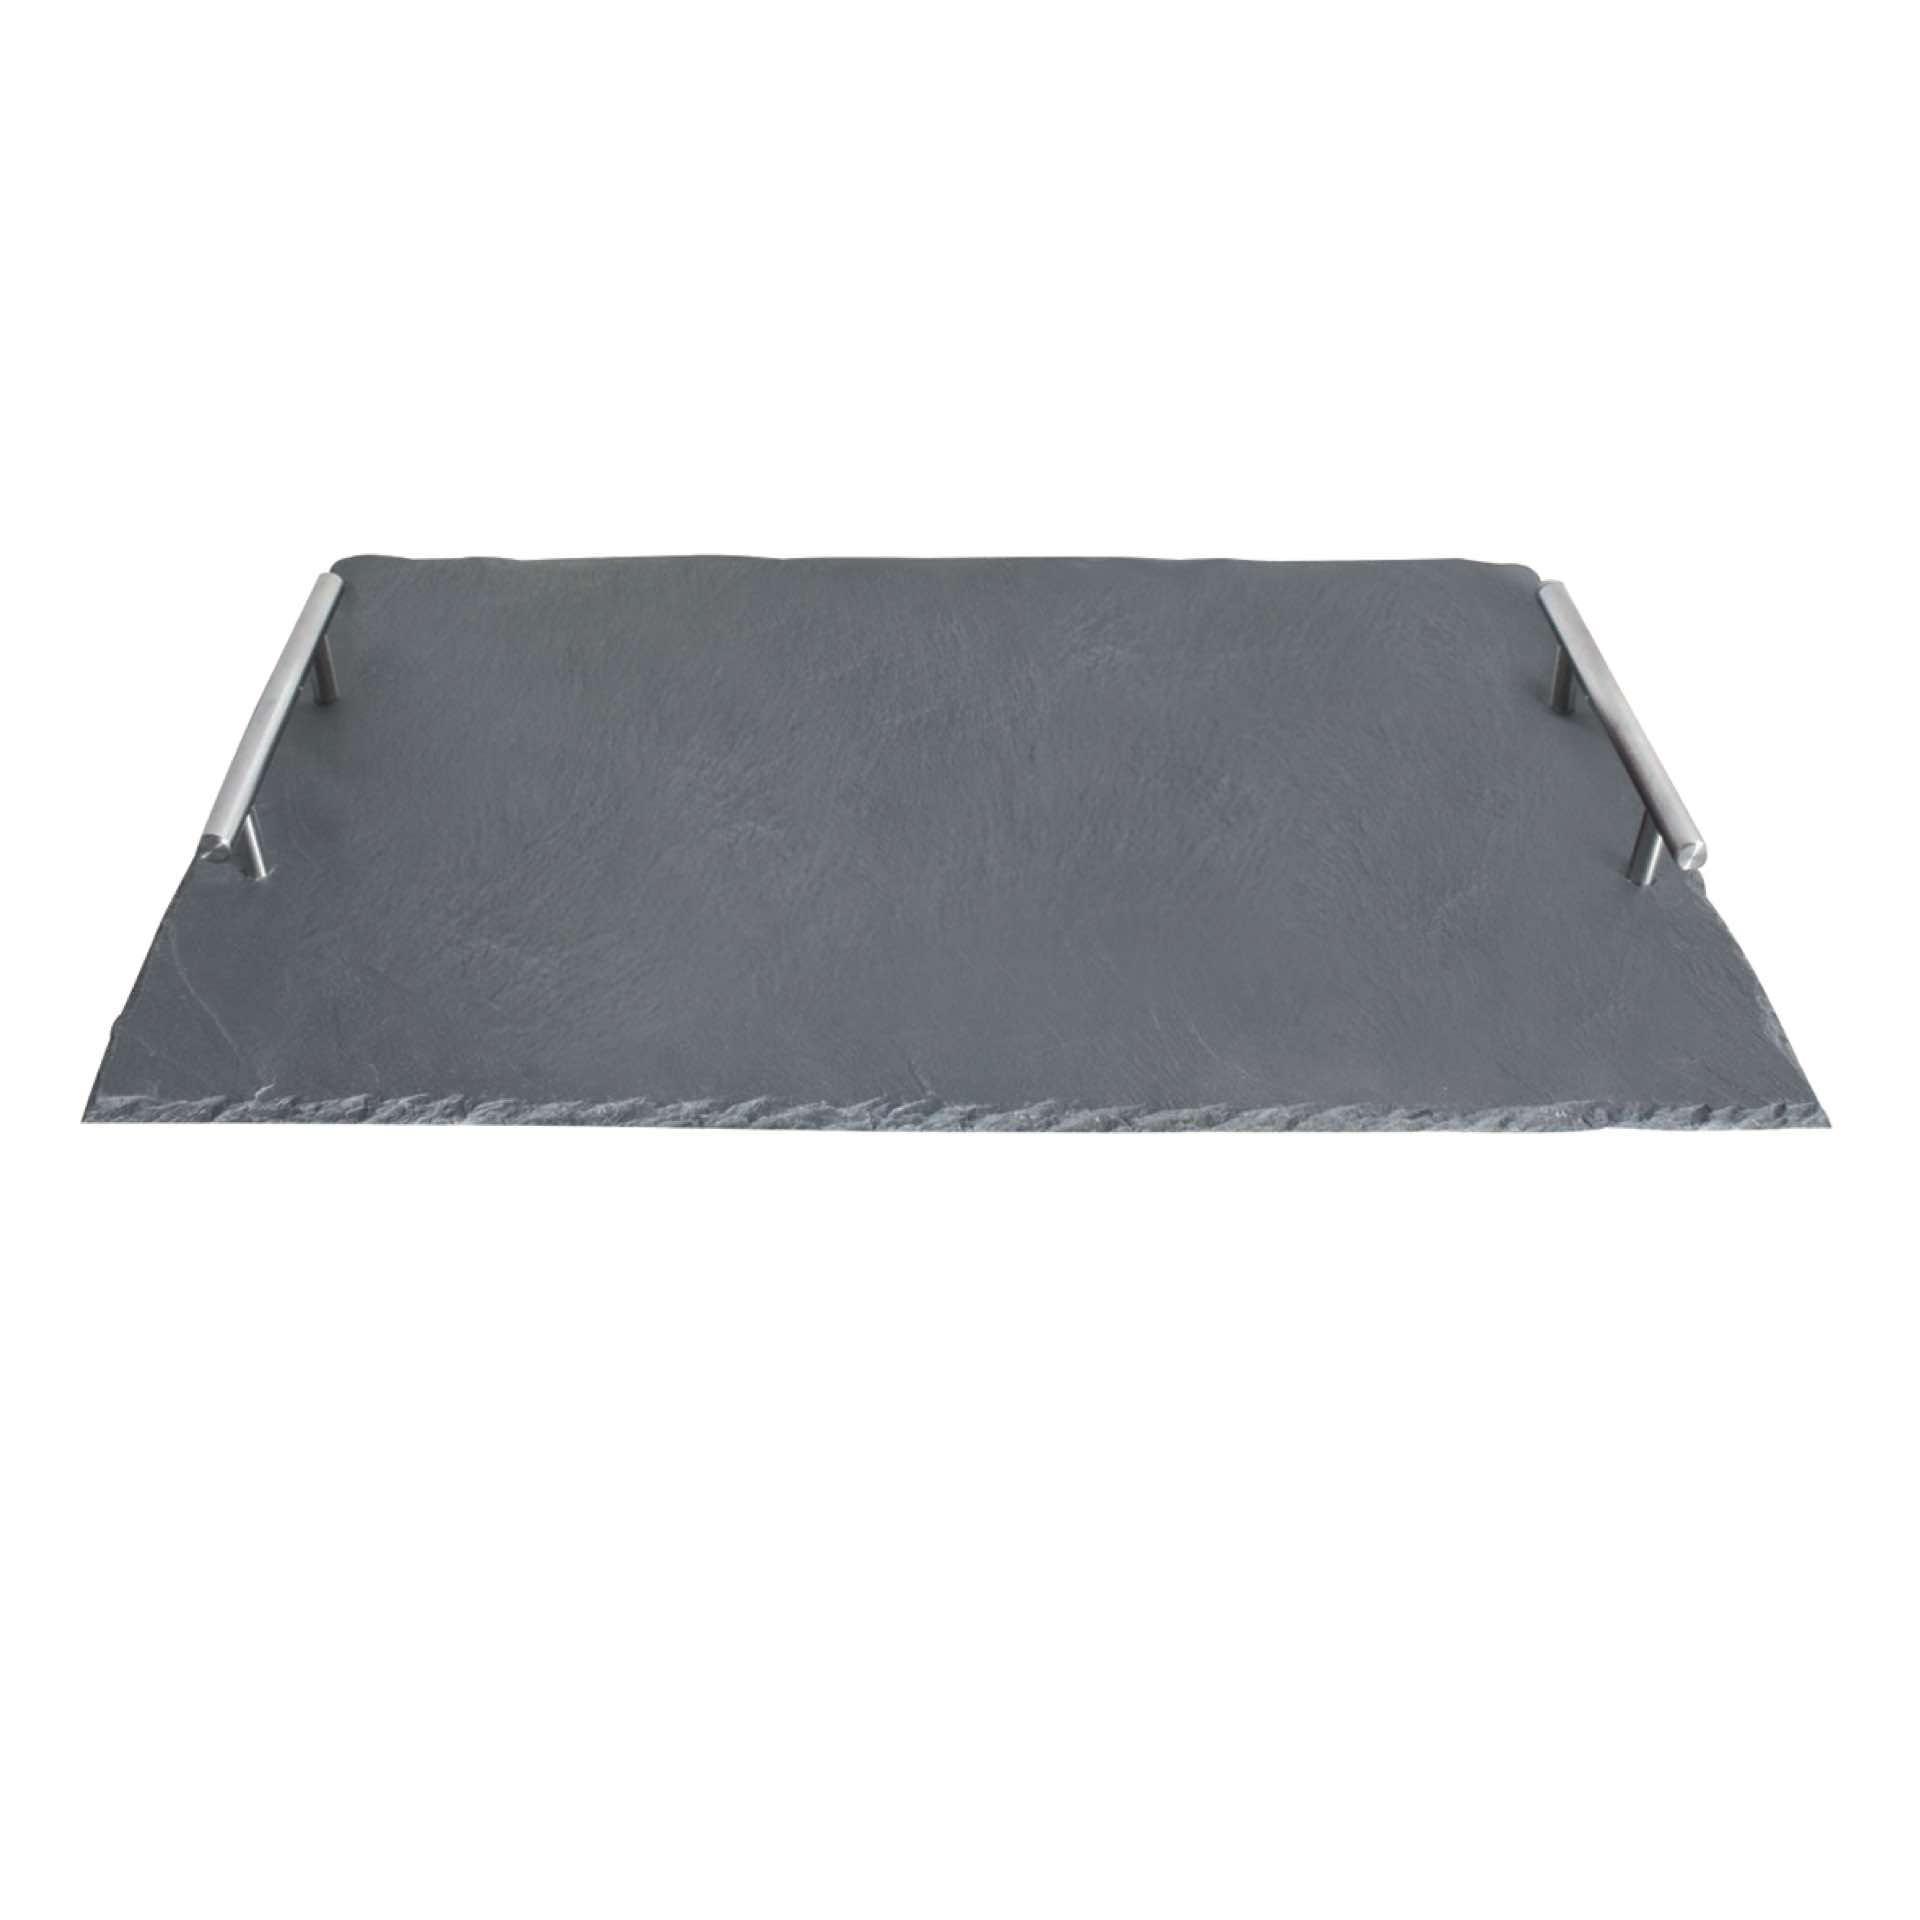 gn platte servierplatte mit zwei edelstahlgriffen g nstig kaufen. Black Bedroom Furniture Sets. Home Design Ideas